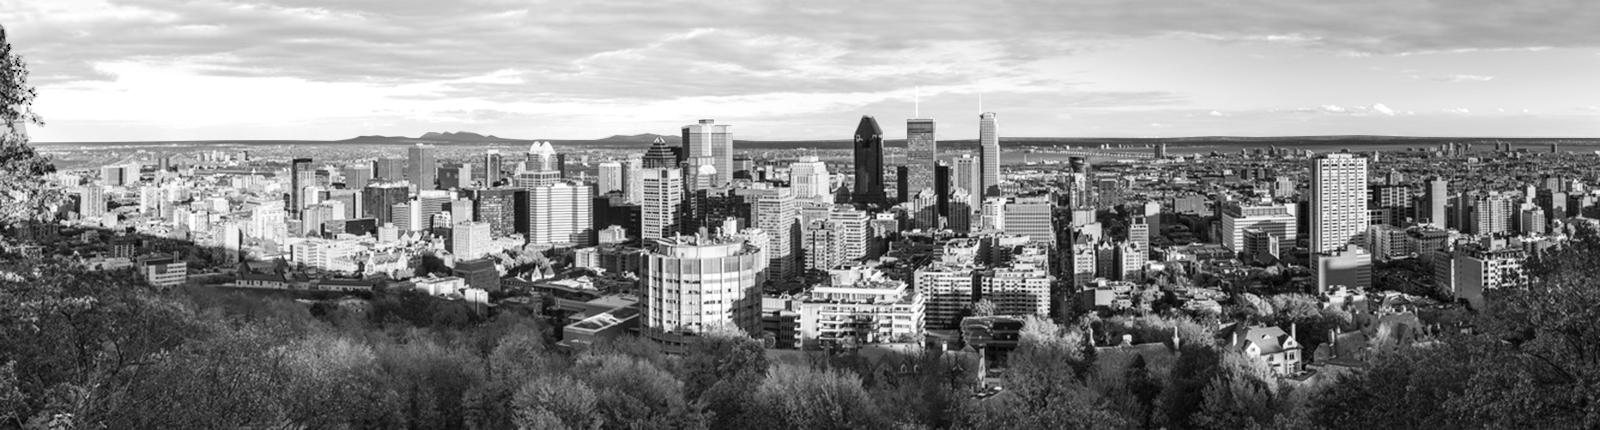 Montreal_1600x430